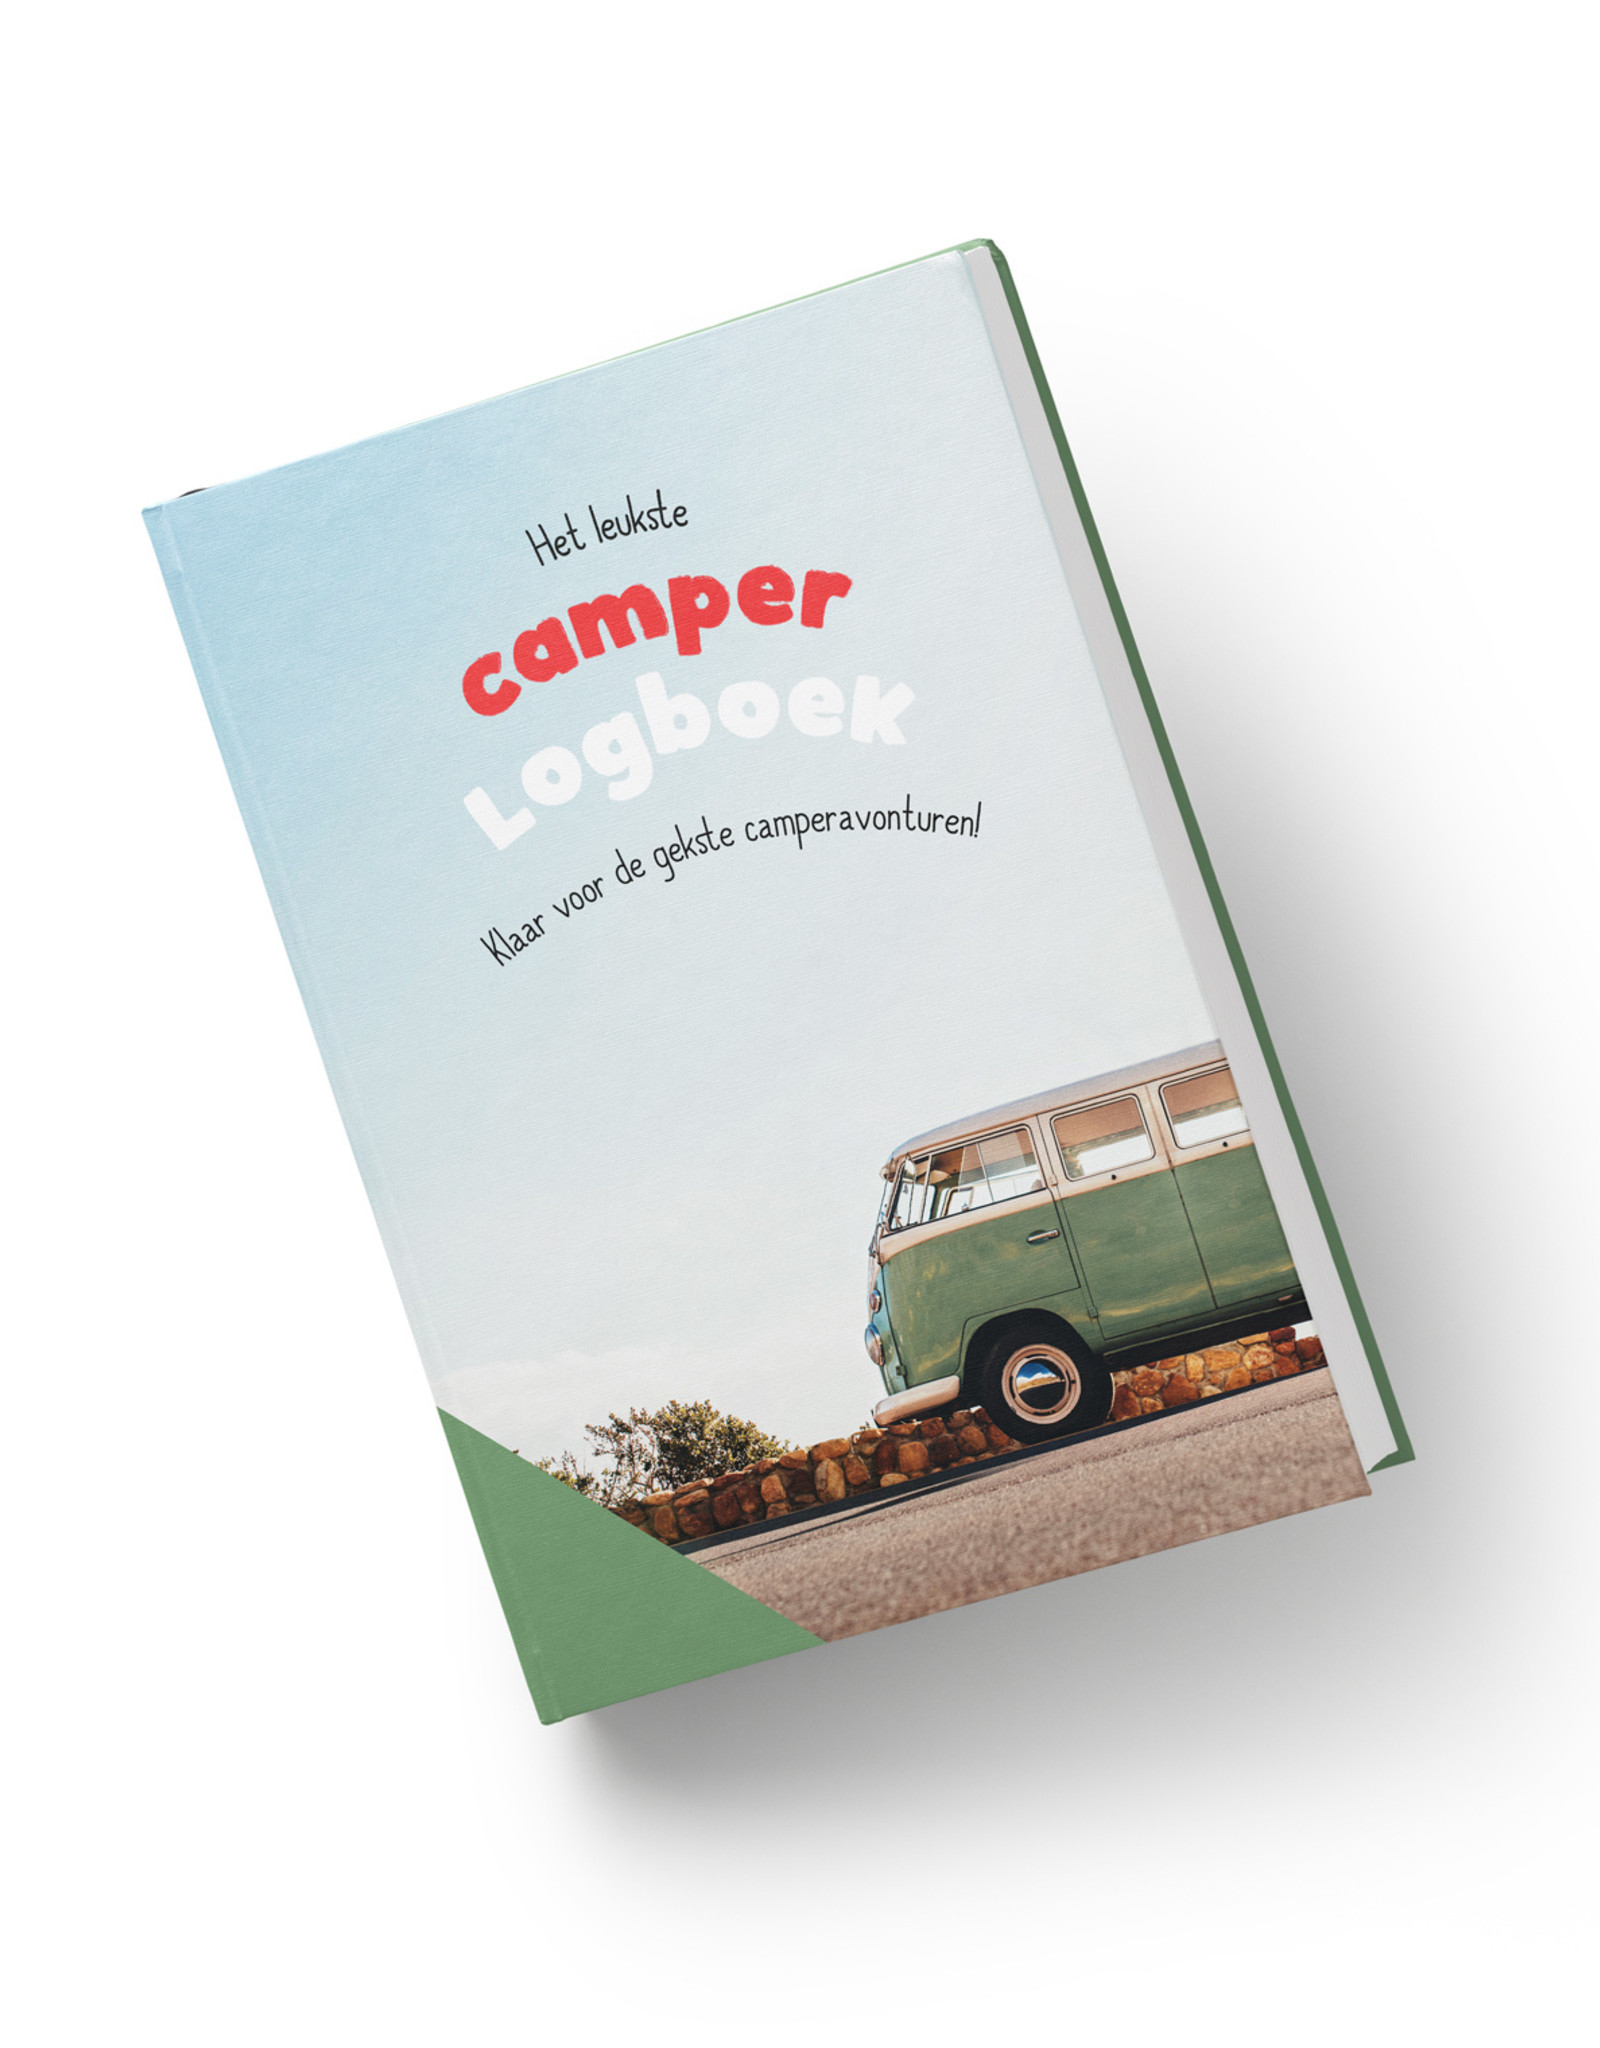 Het leukste camper logboek